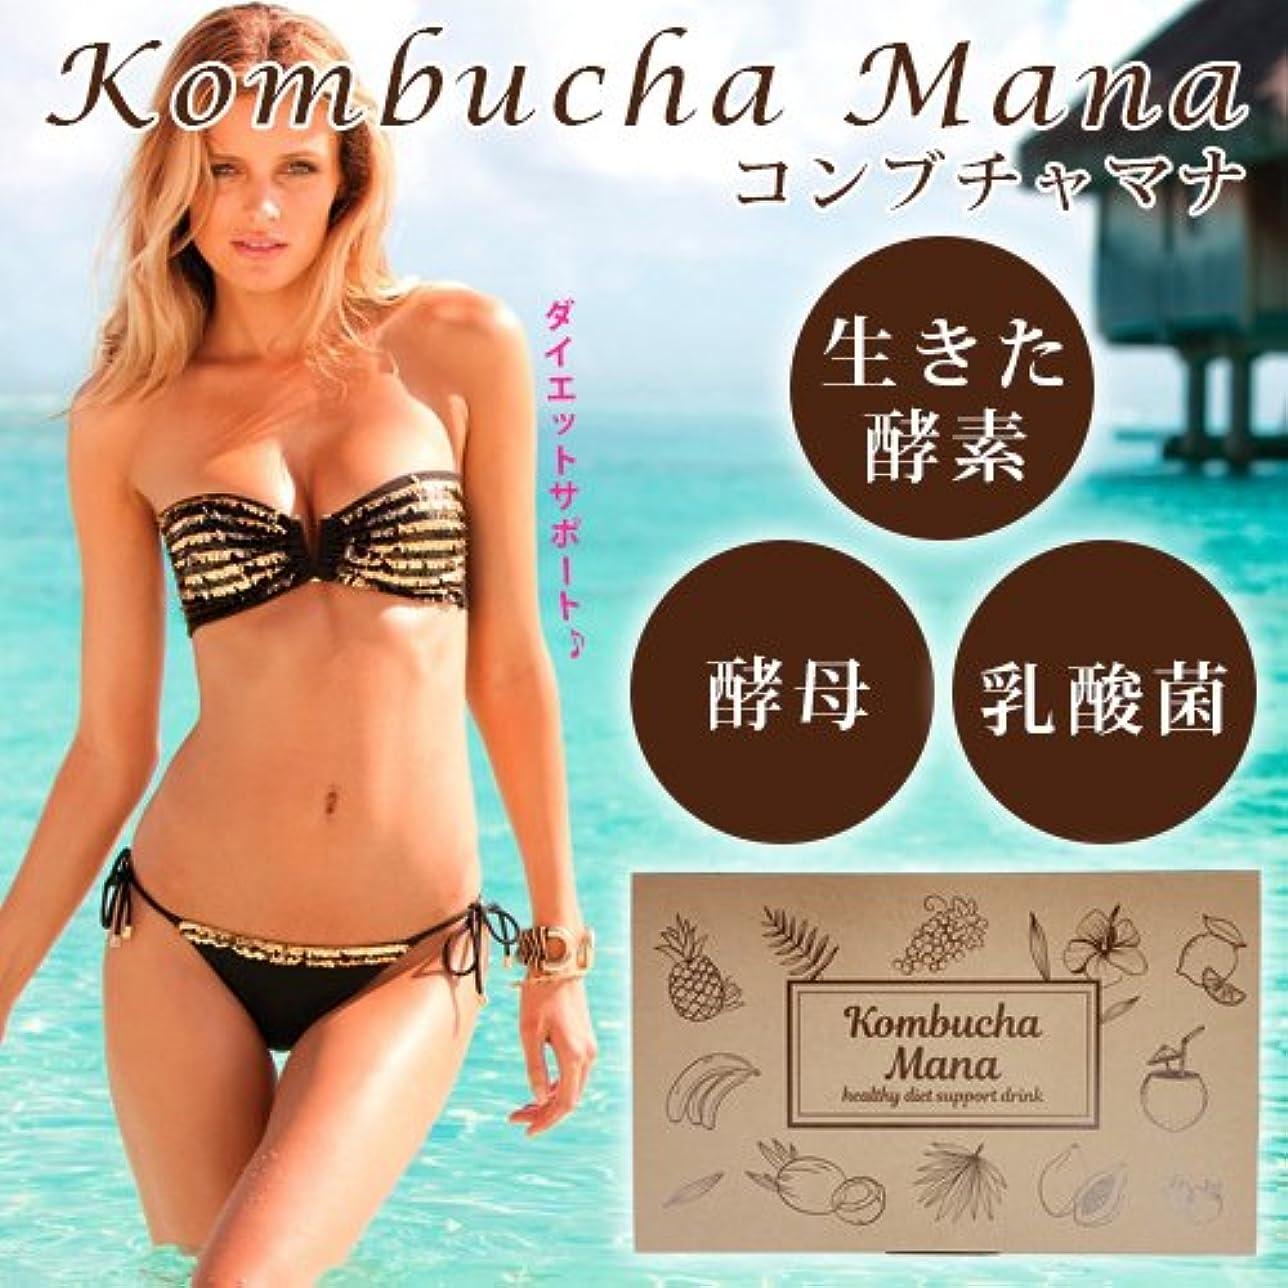 認める裁判所ホラーコンブチャマナ(Kombucha Mana)ダイエットクレンジングドリンク (1箱)